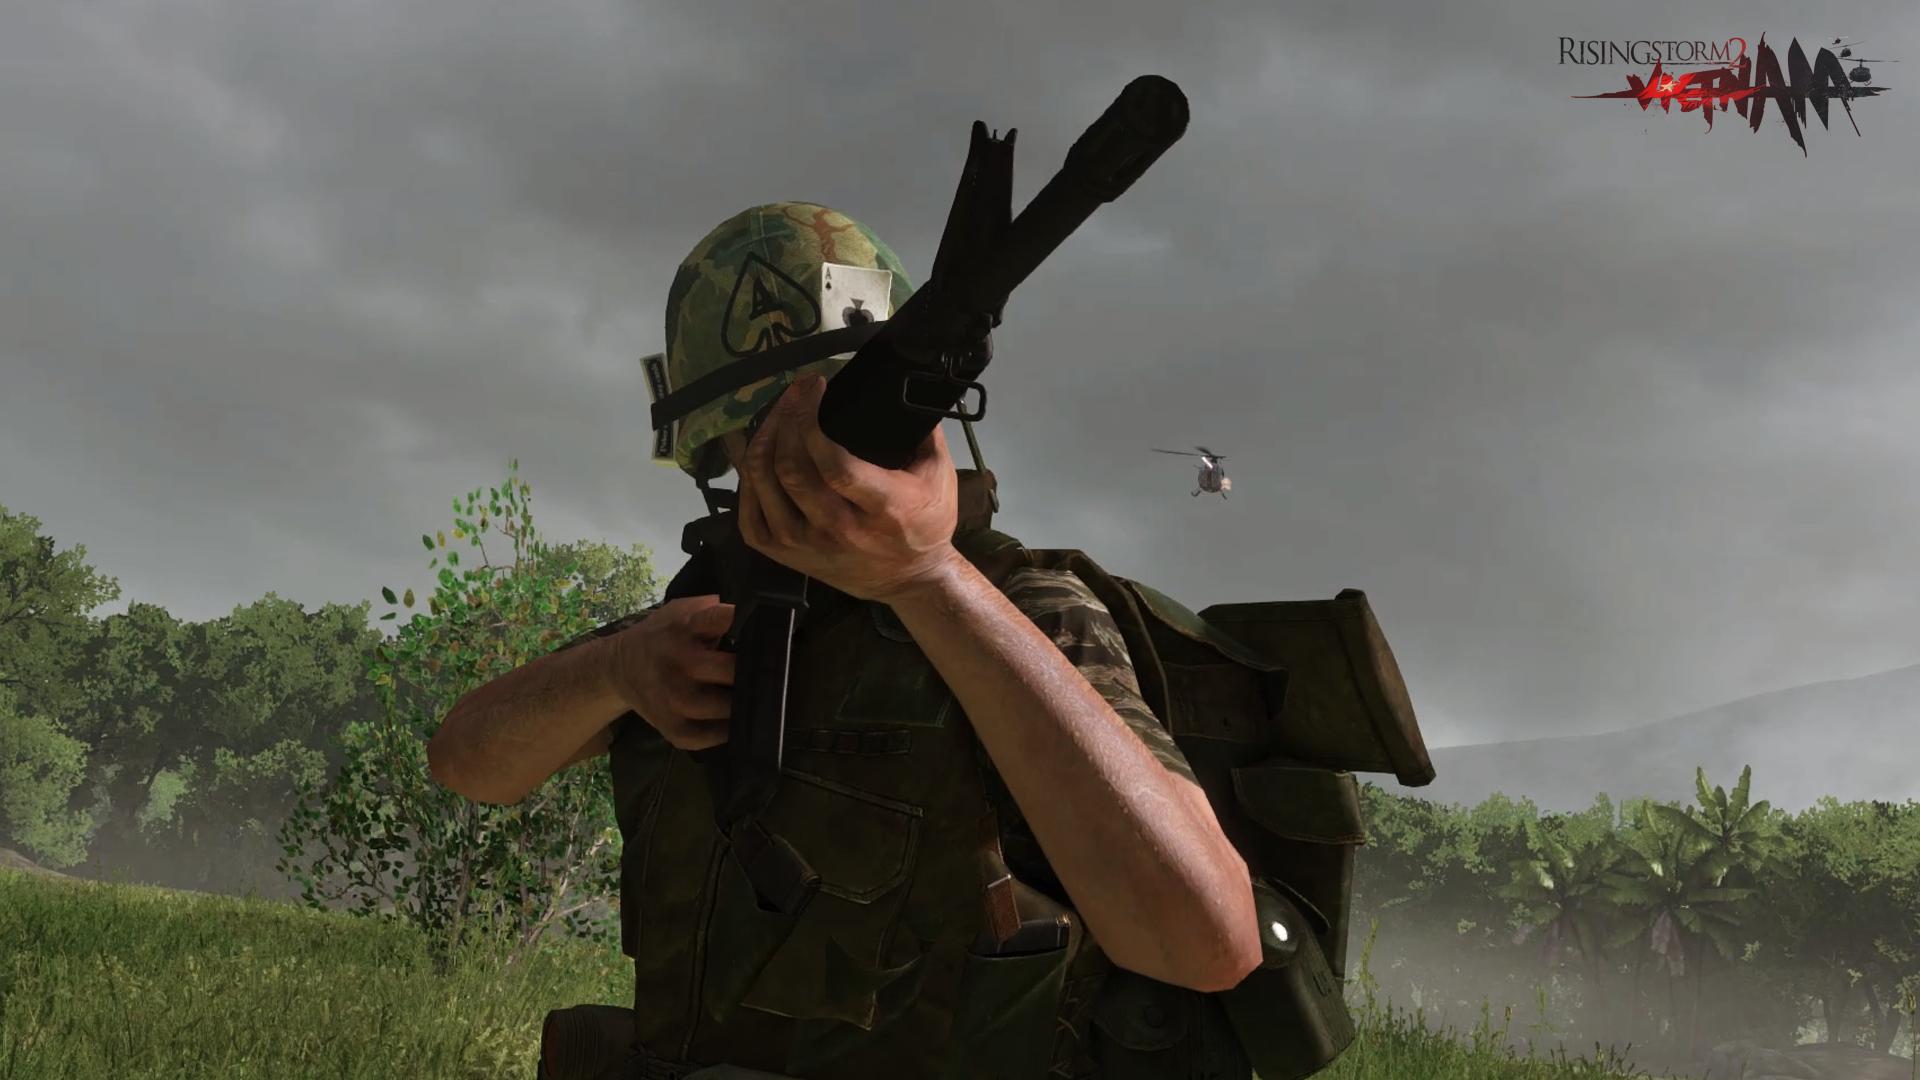 Rising Storm 2: Vietnam nabídne ovladatelné vrtulníky 129879